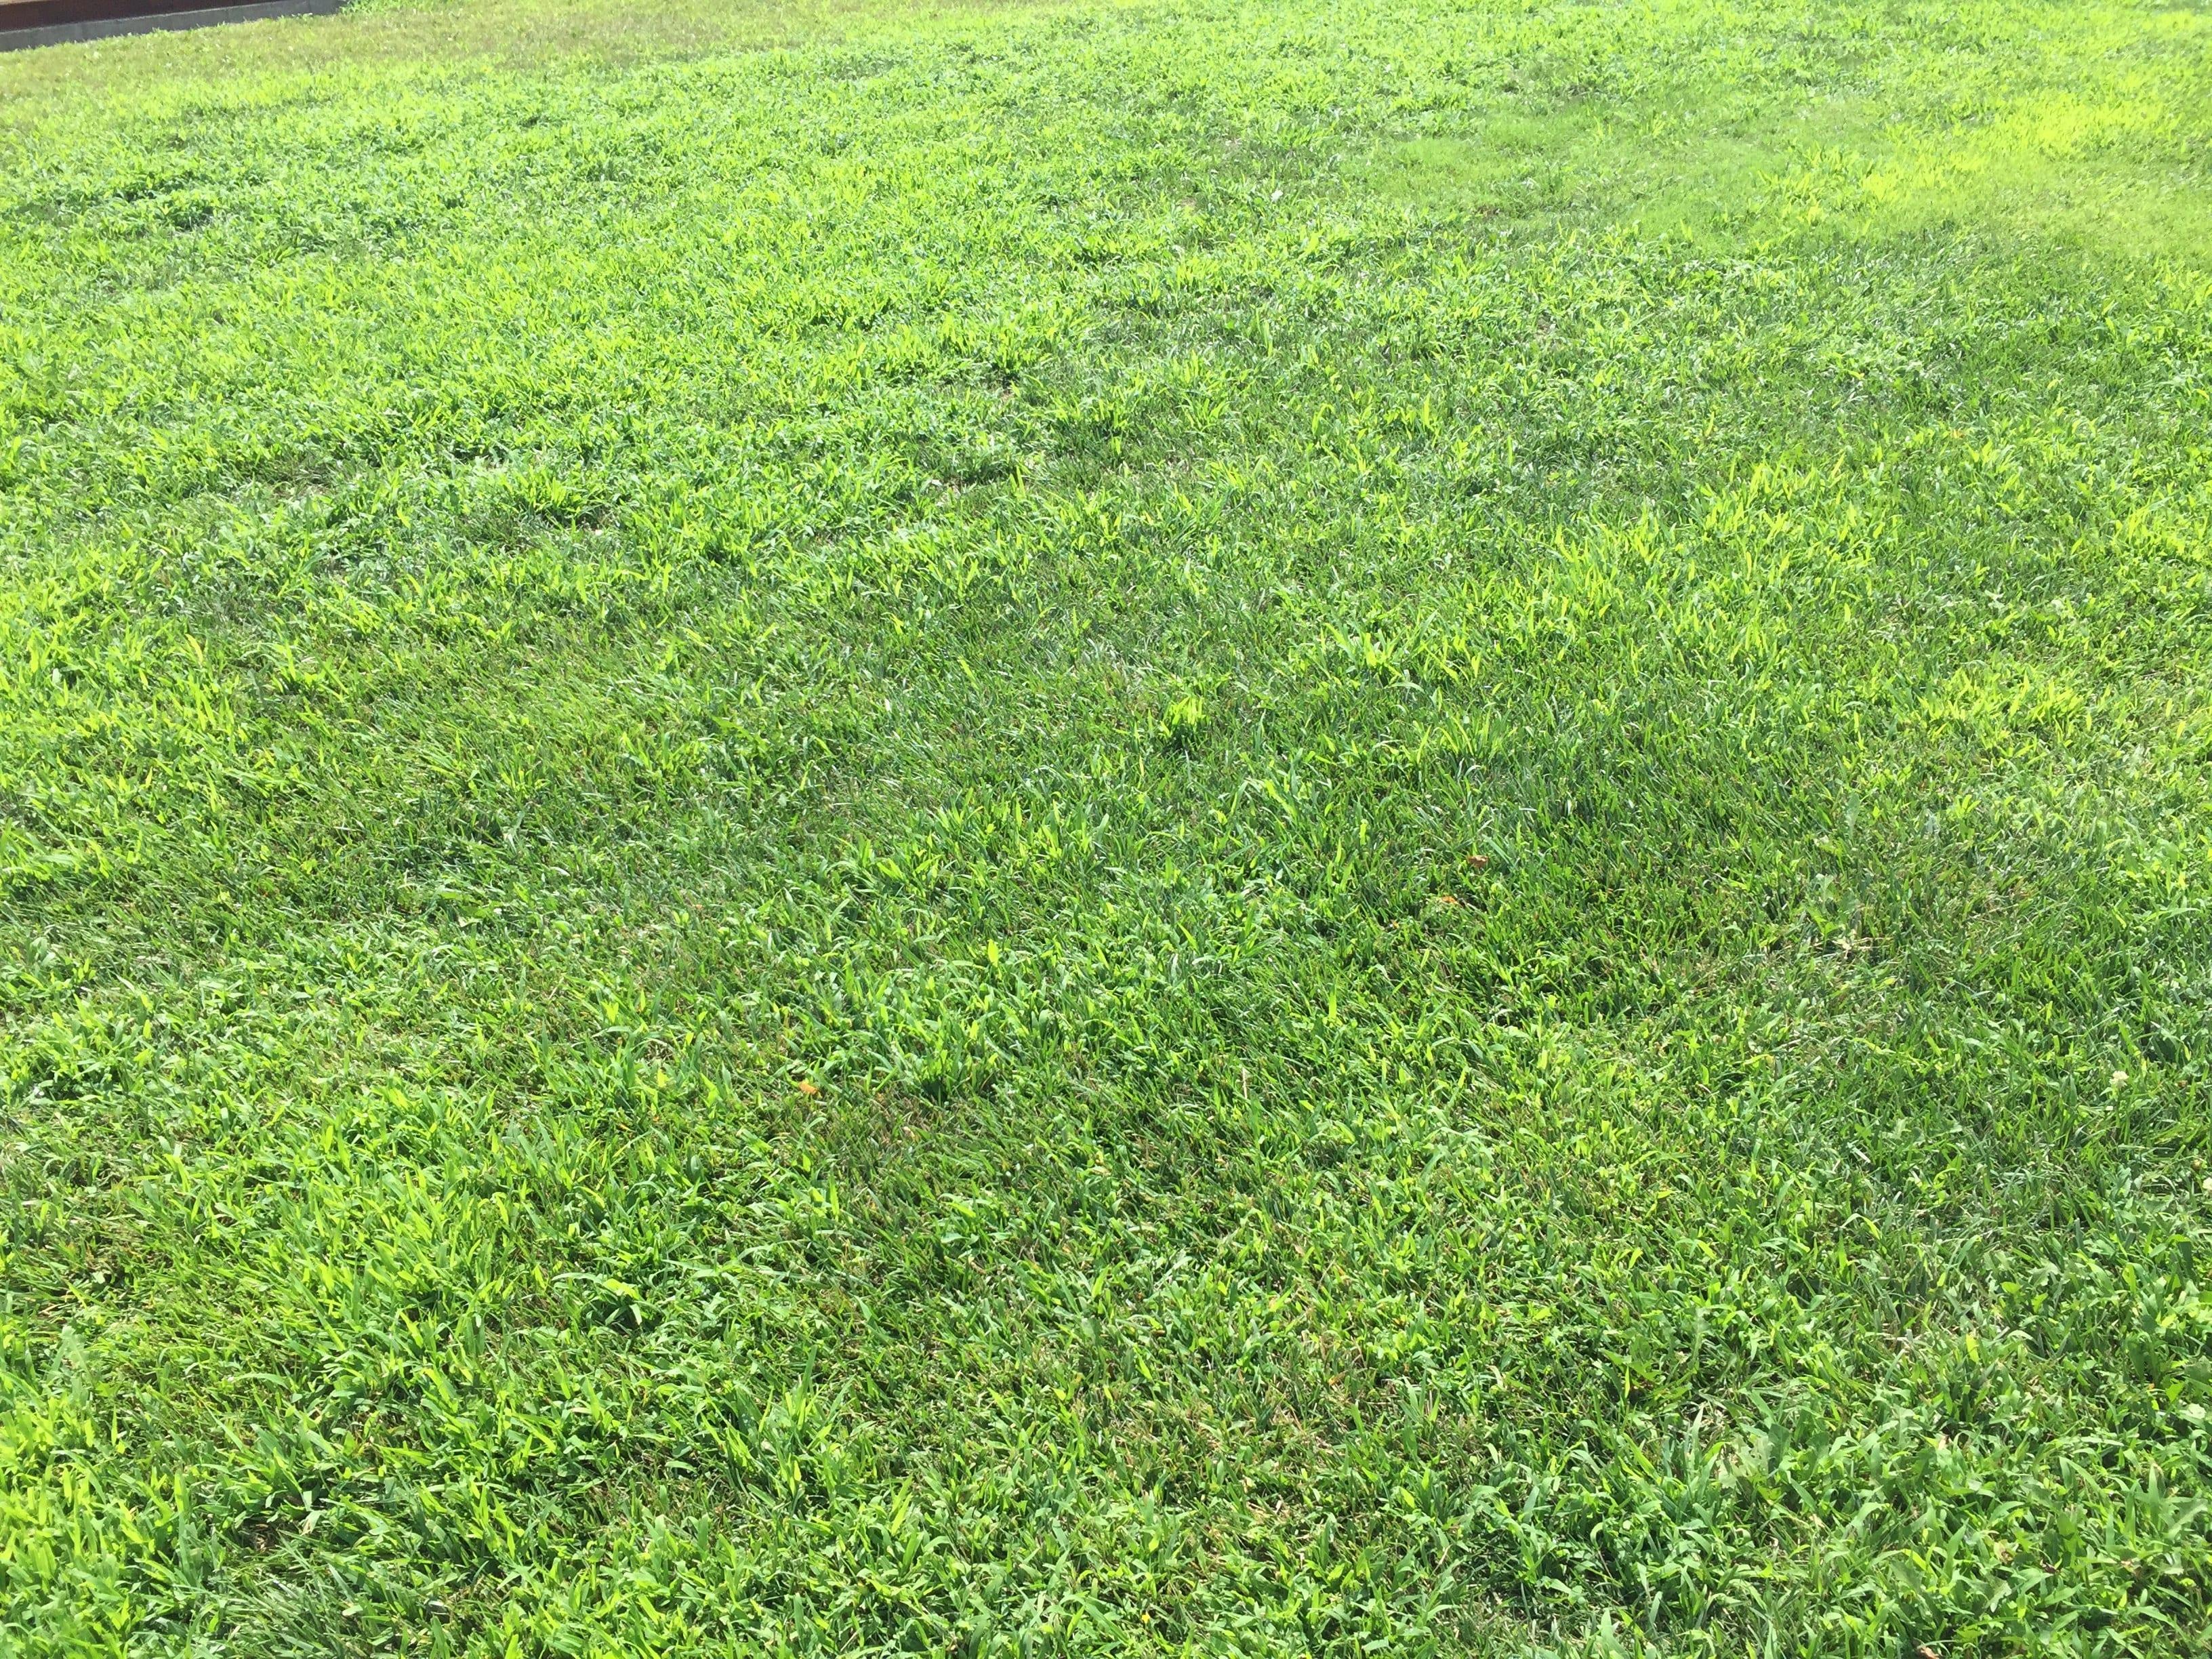 Crabgrass K State Turfgrass